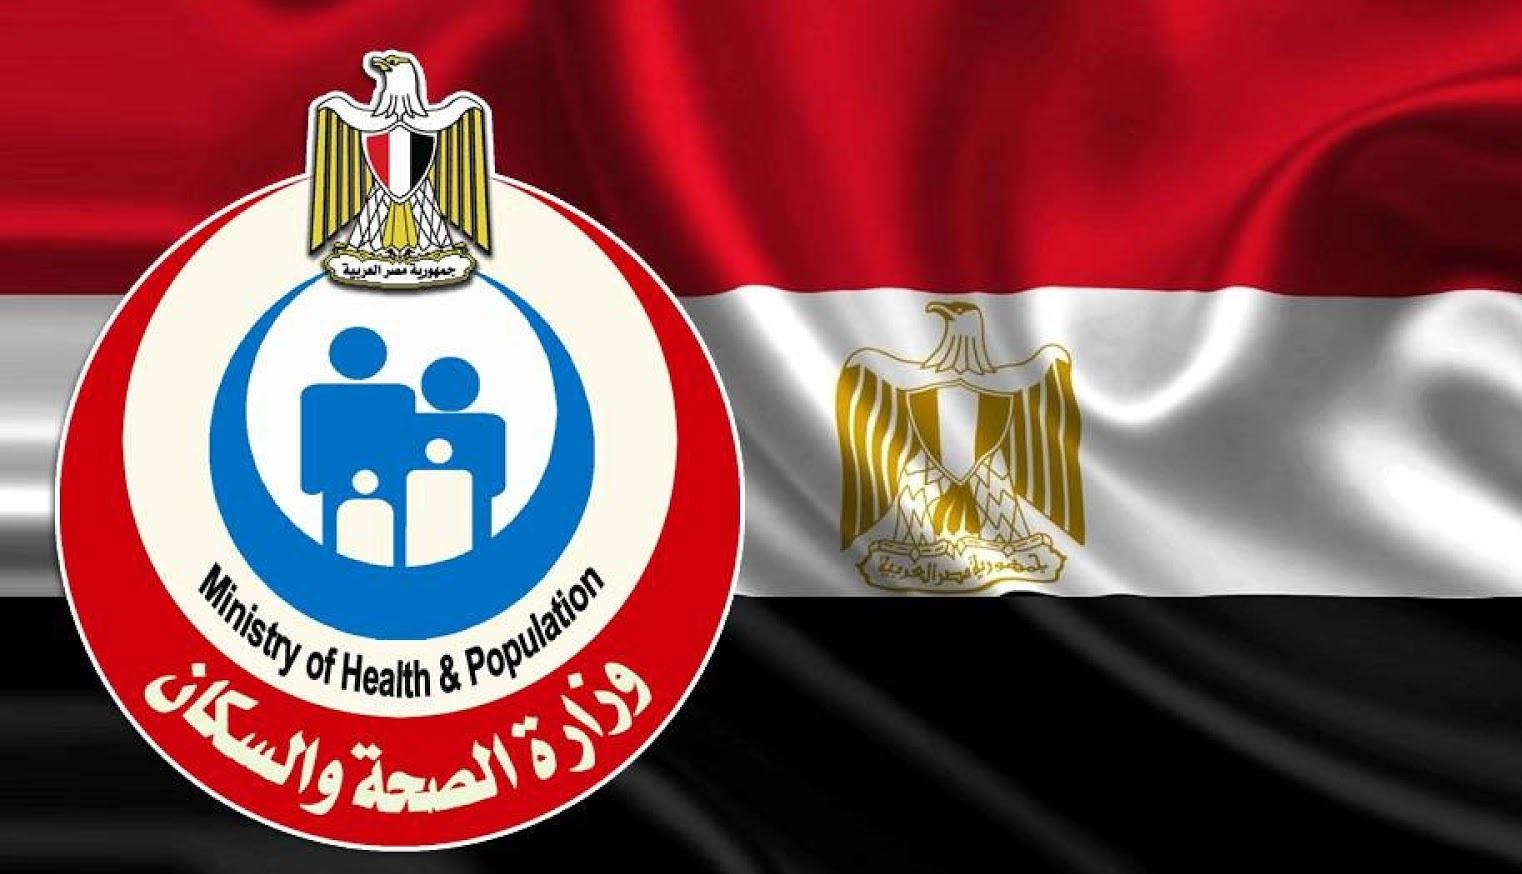 عناوين ودليل مستشفيات مصر وأرقام التليفونات 2021